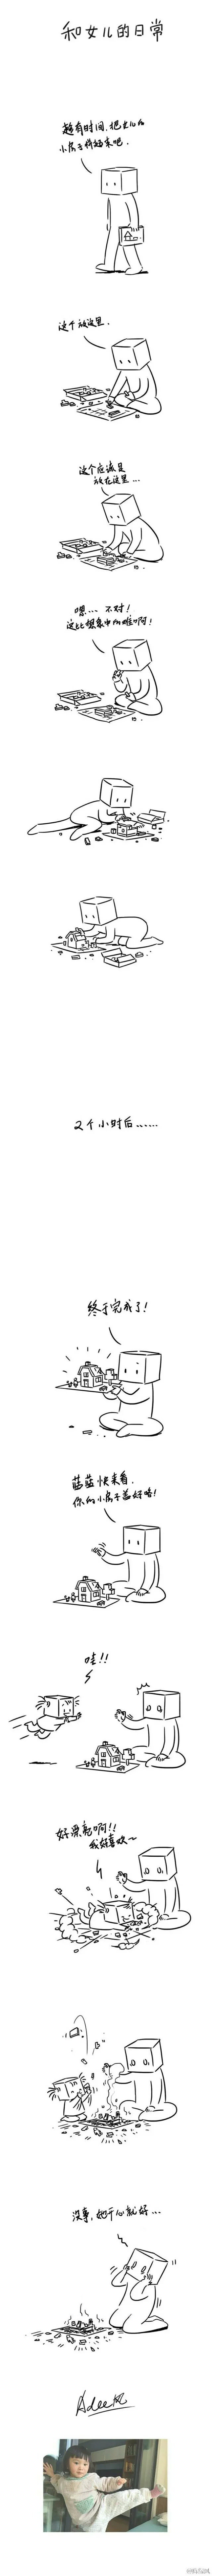 799b1476679899 - 温馨漫画-《和女儿的日常》